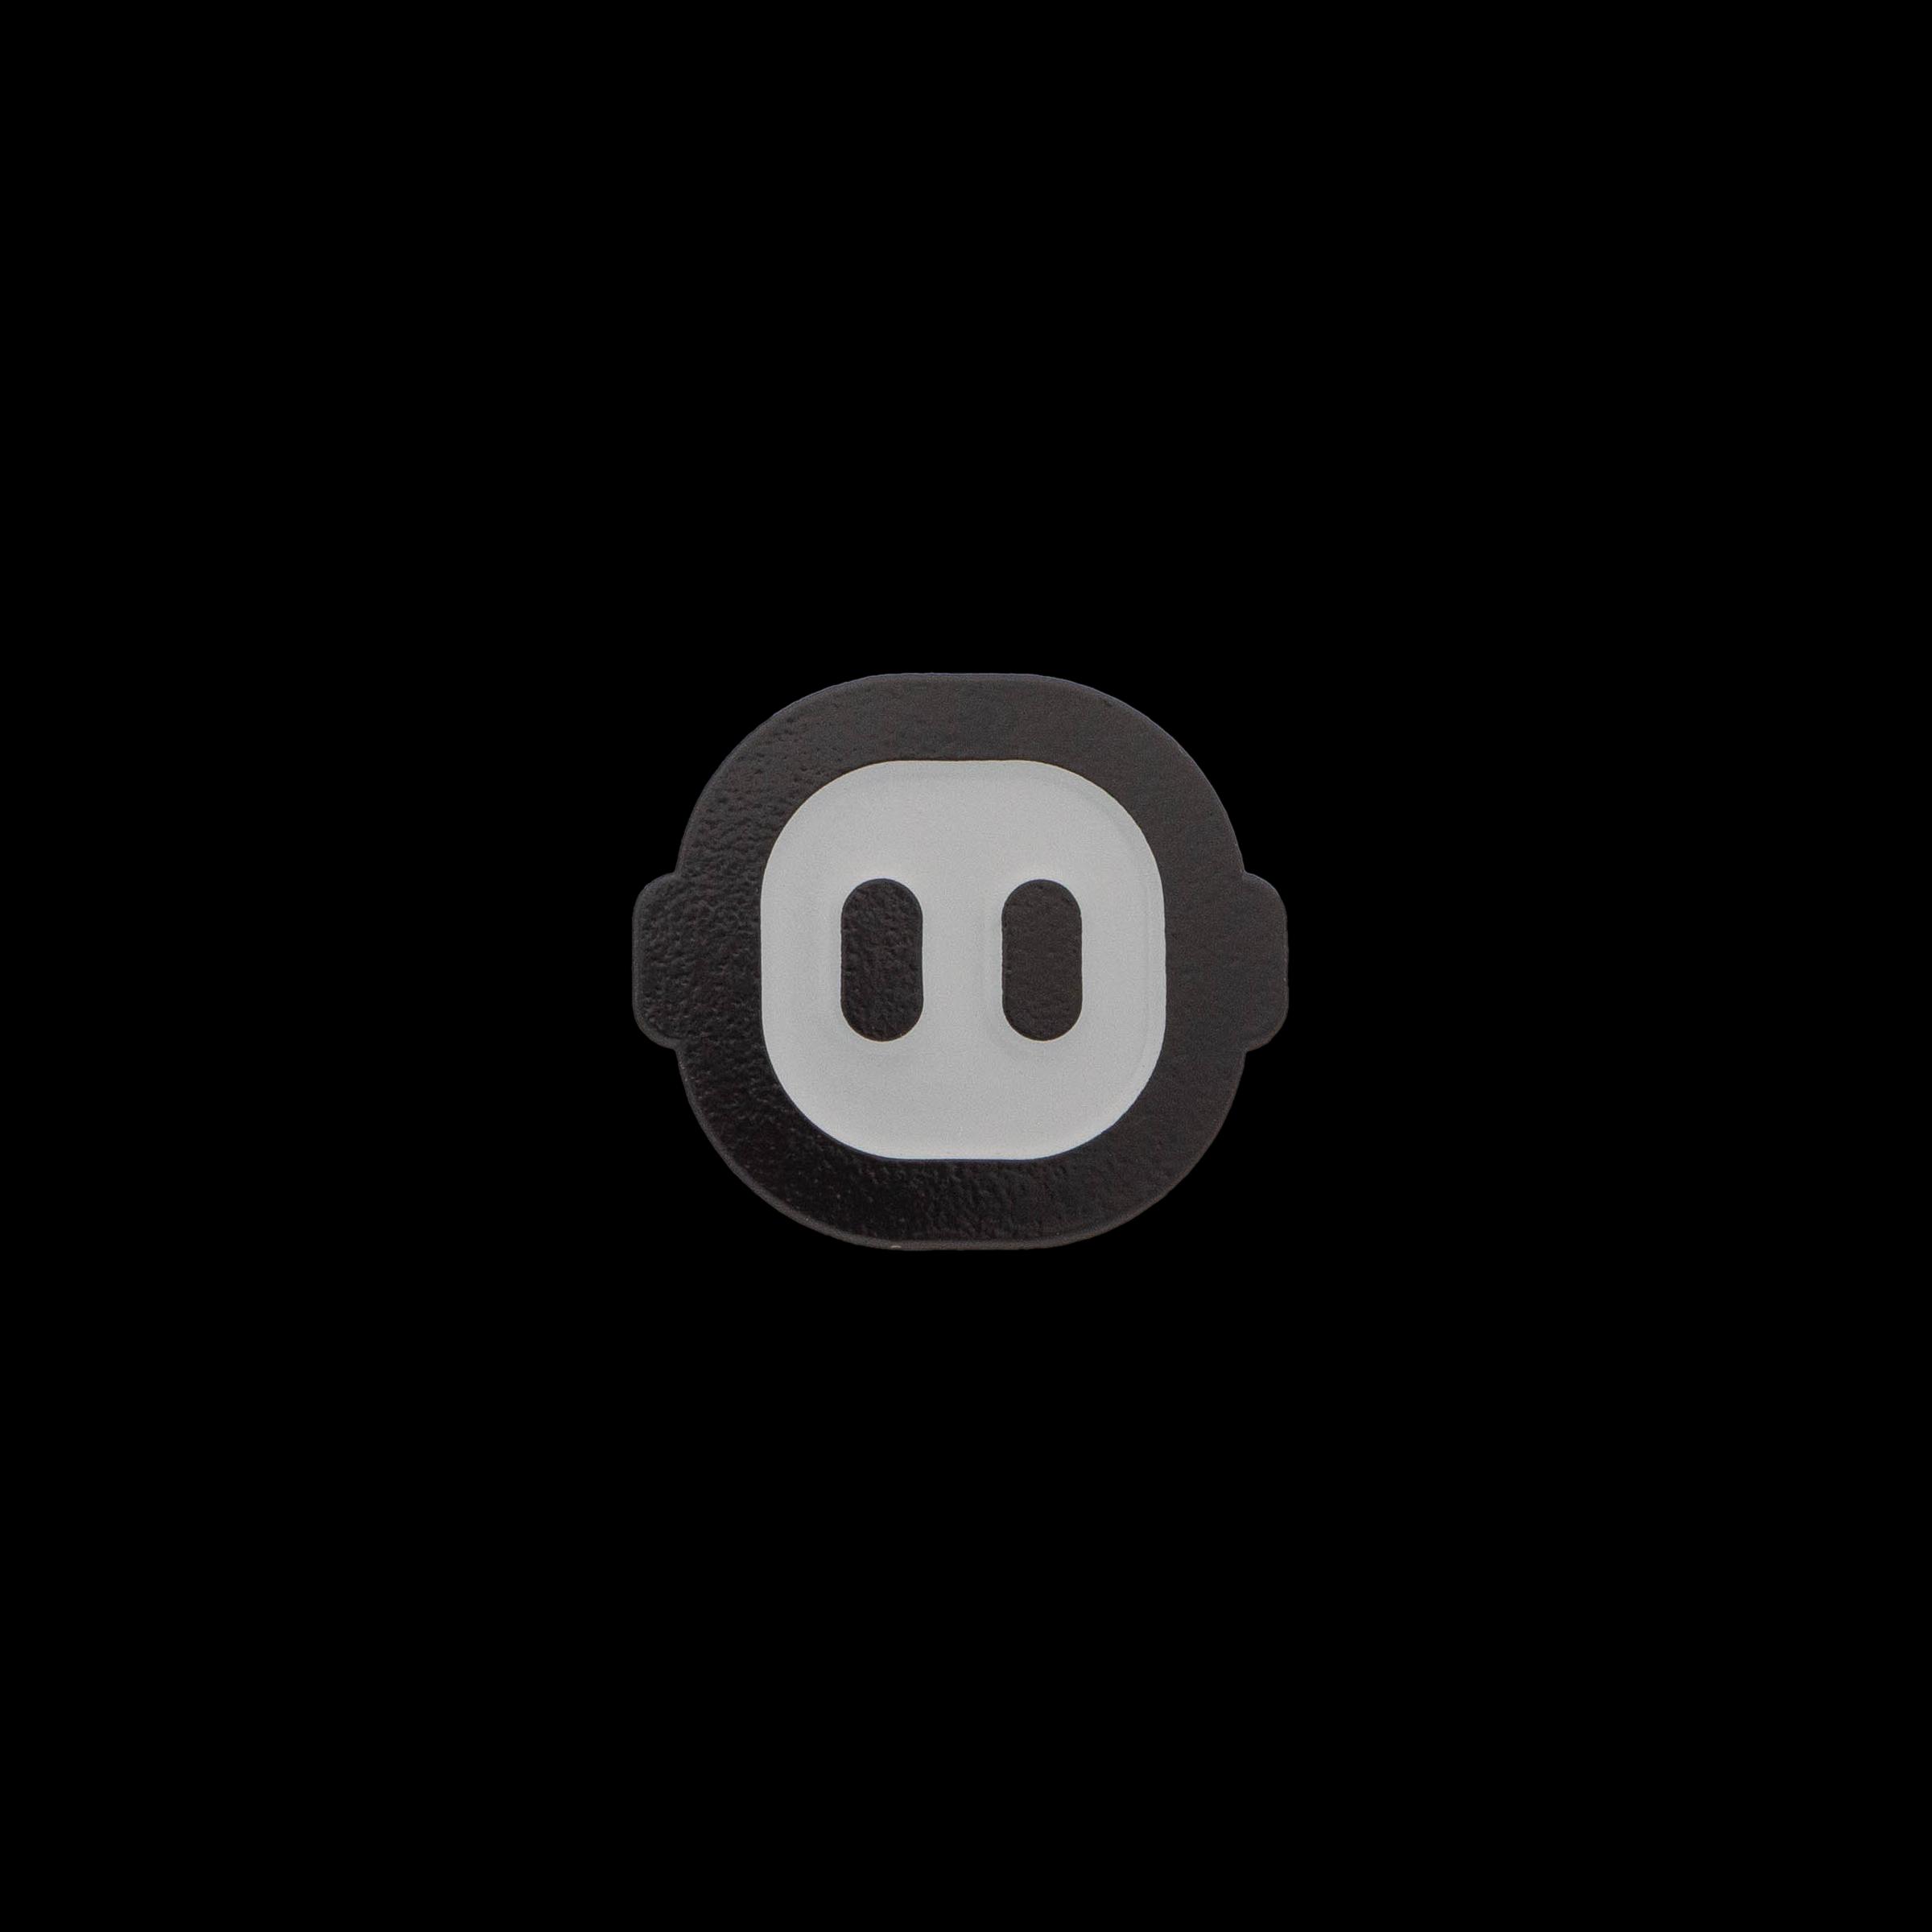 Tapbots Logo Pin (Black)